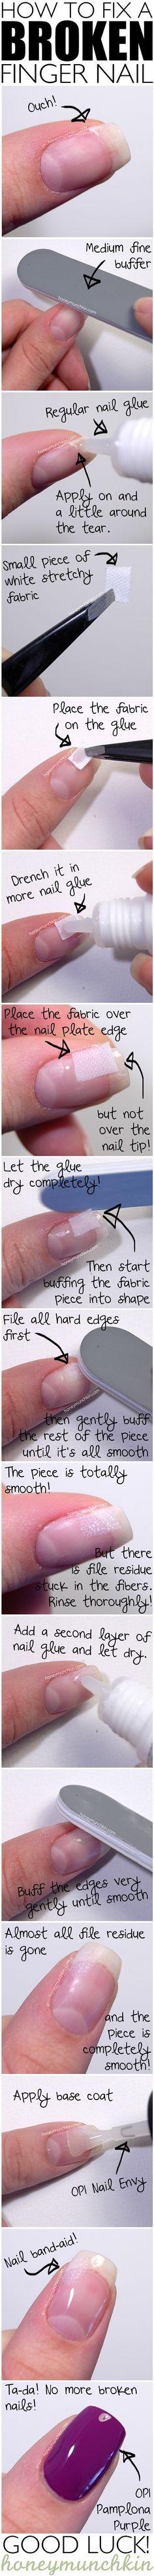 """O neeeeeeee een gebroken nagel! Leer in deze Engelstalige tutorial hoe je deze kunt """"repareren"""" (nagel EHBO) >>> DIY HOW TO FIX A BROKEN NAIL"""